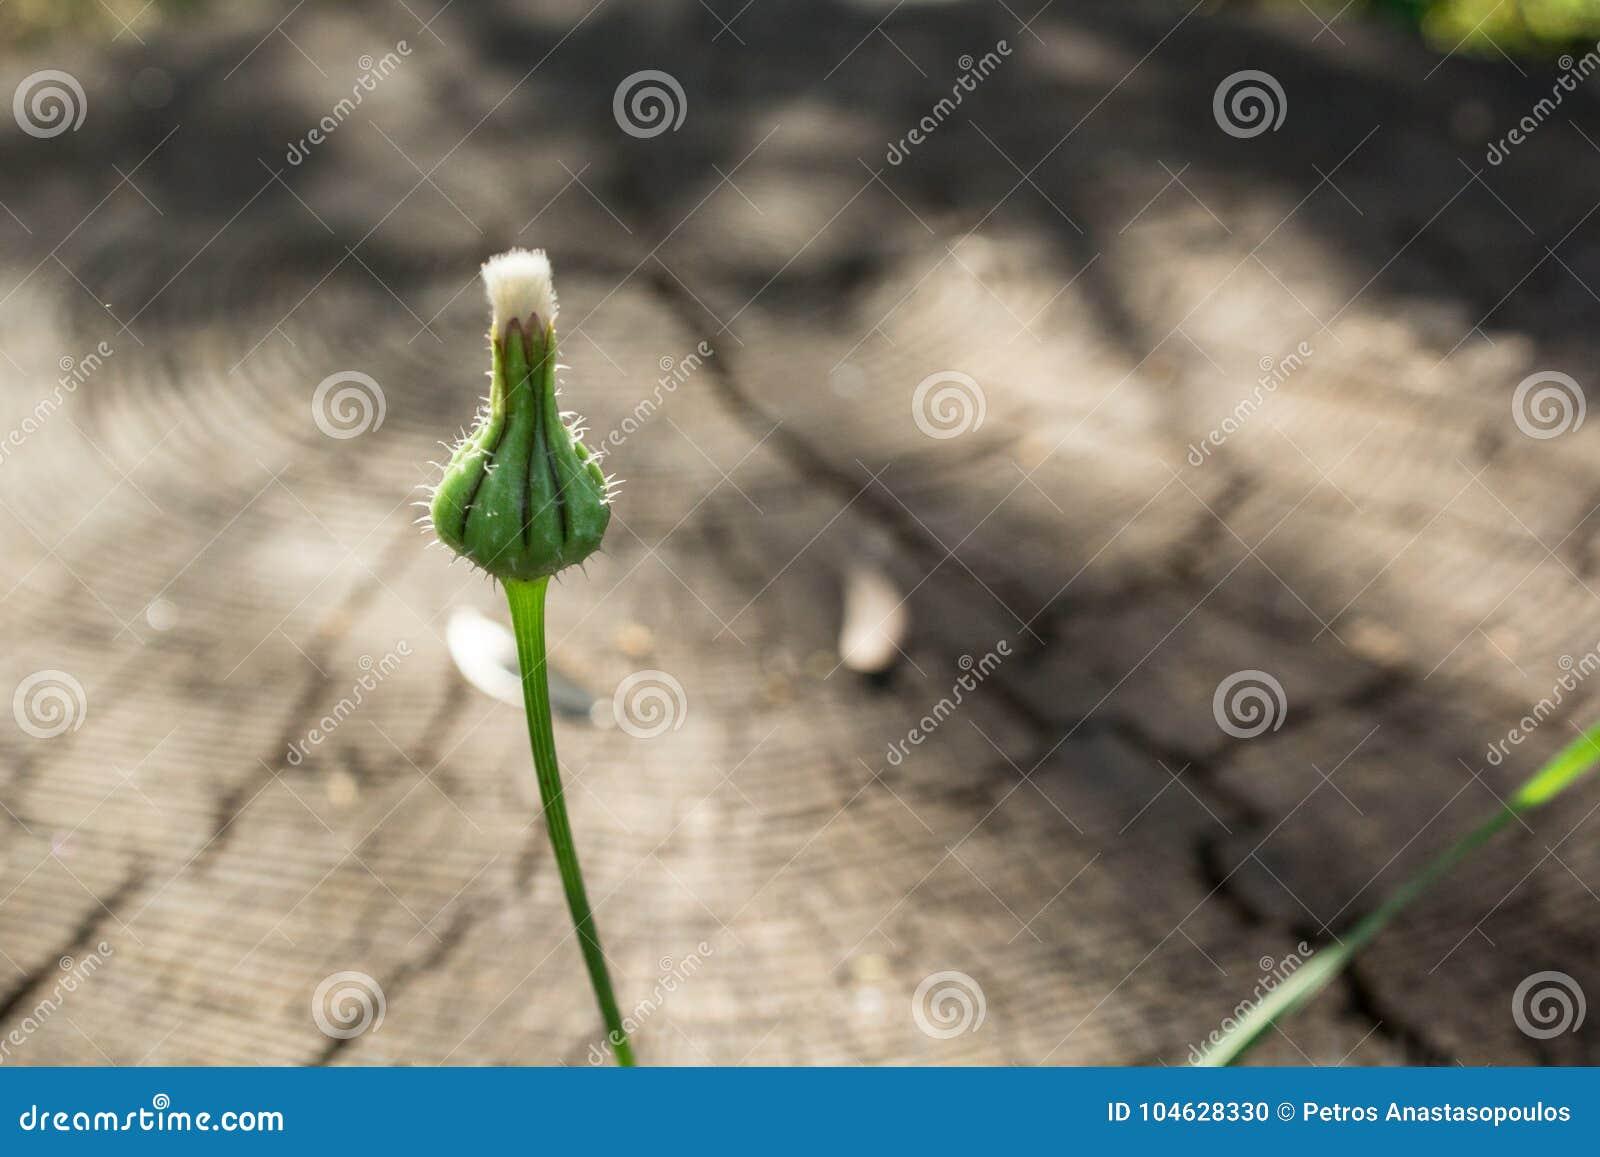 Download Knop stock foto. Afbeelding bestaande uit hout, close - 104628330